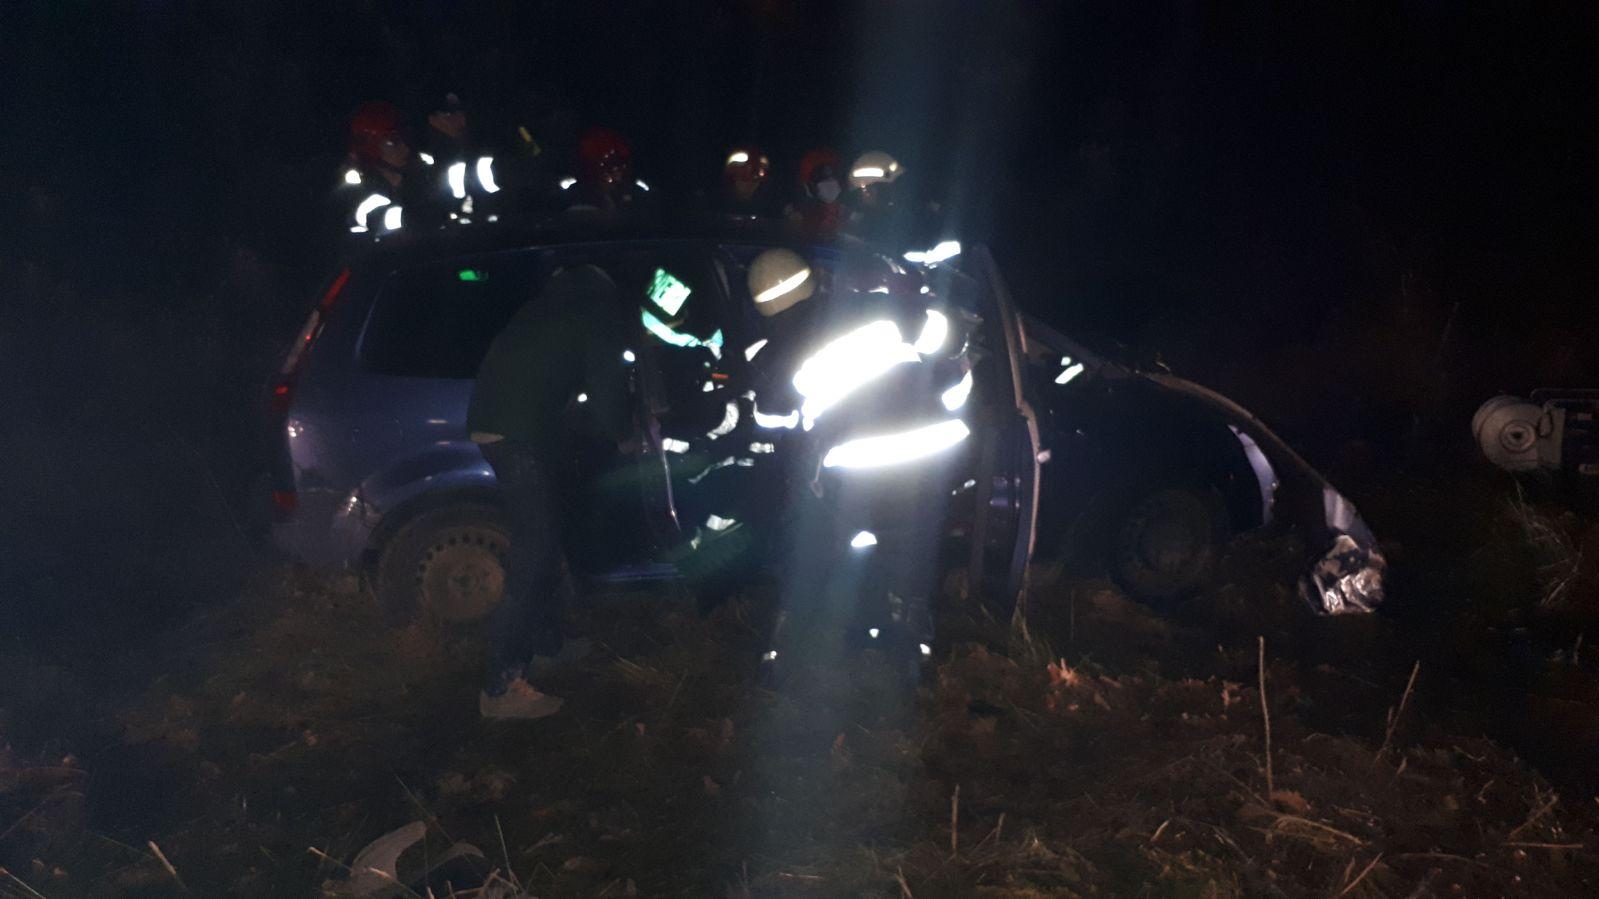 Un șofer băut a intrat cu mașina într-o bornă kilometrică